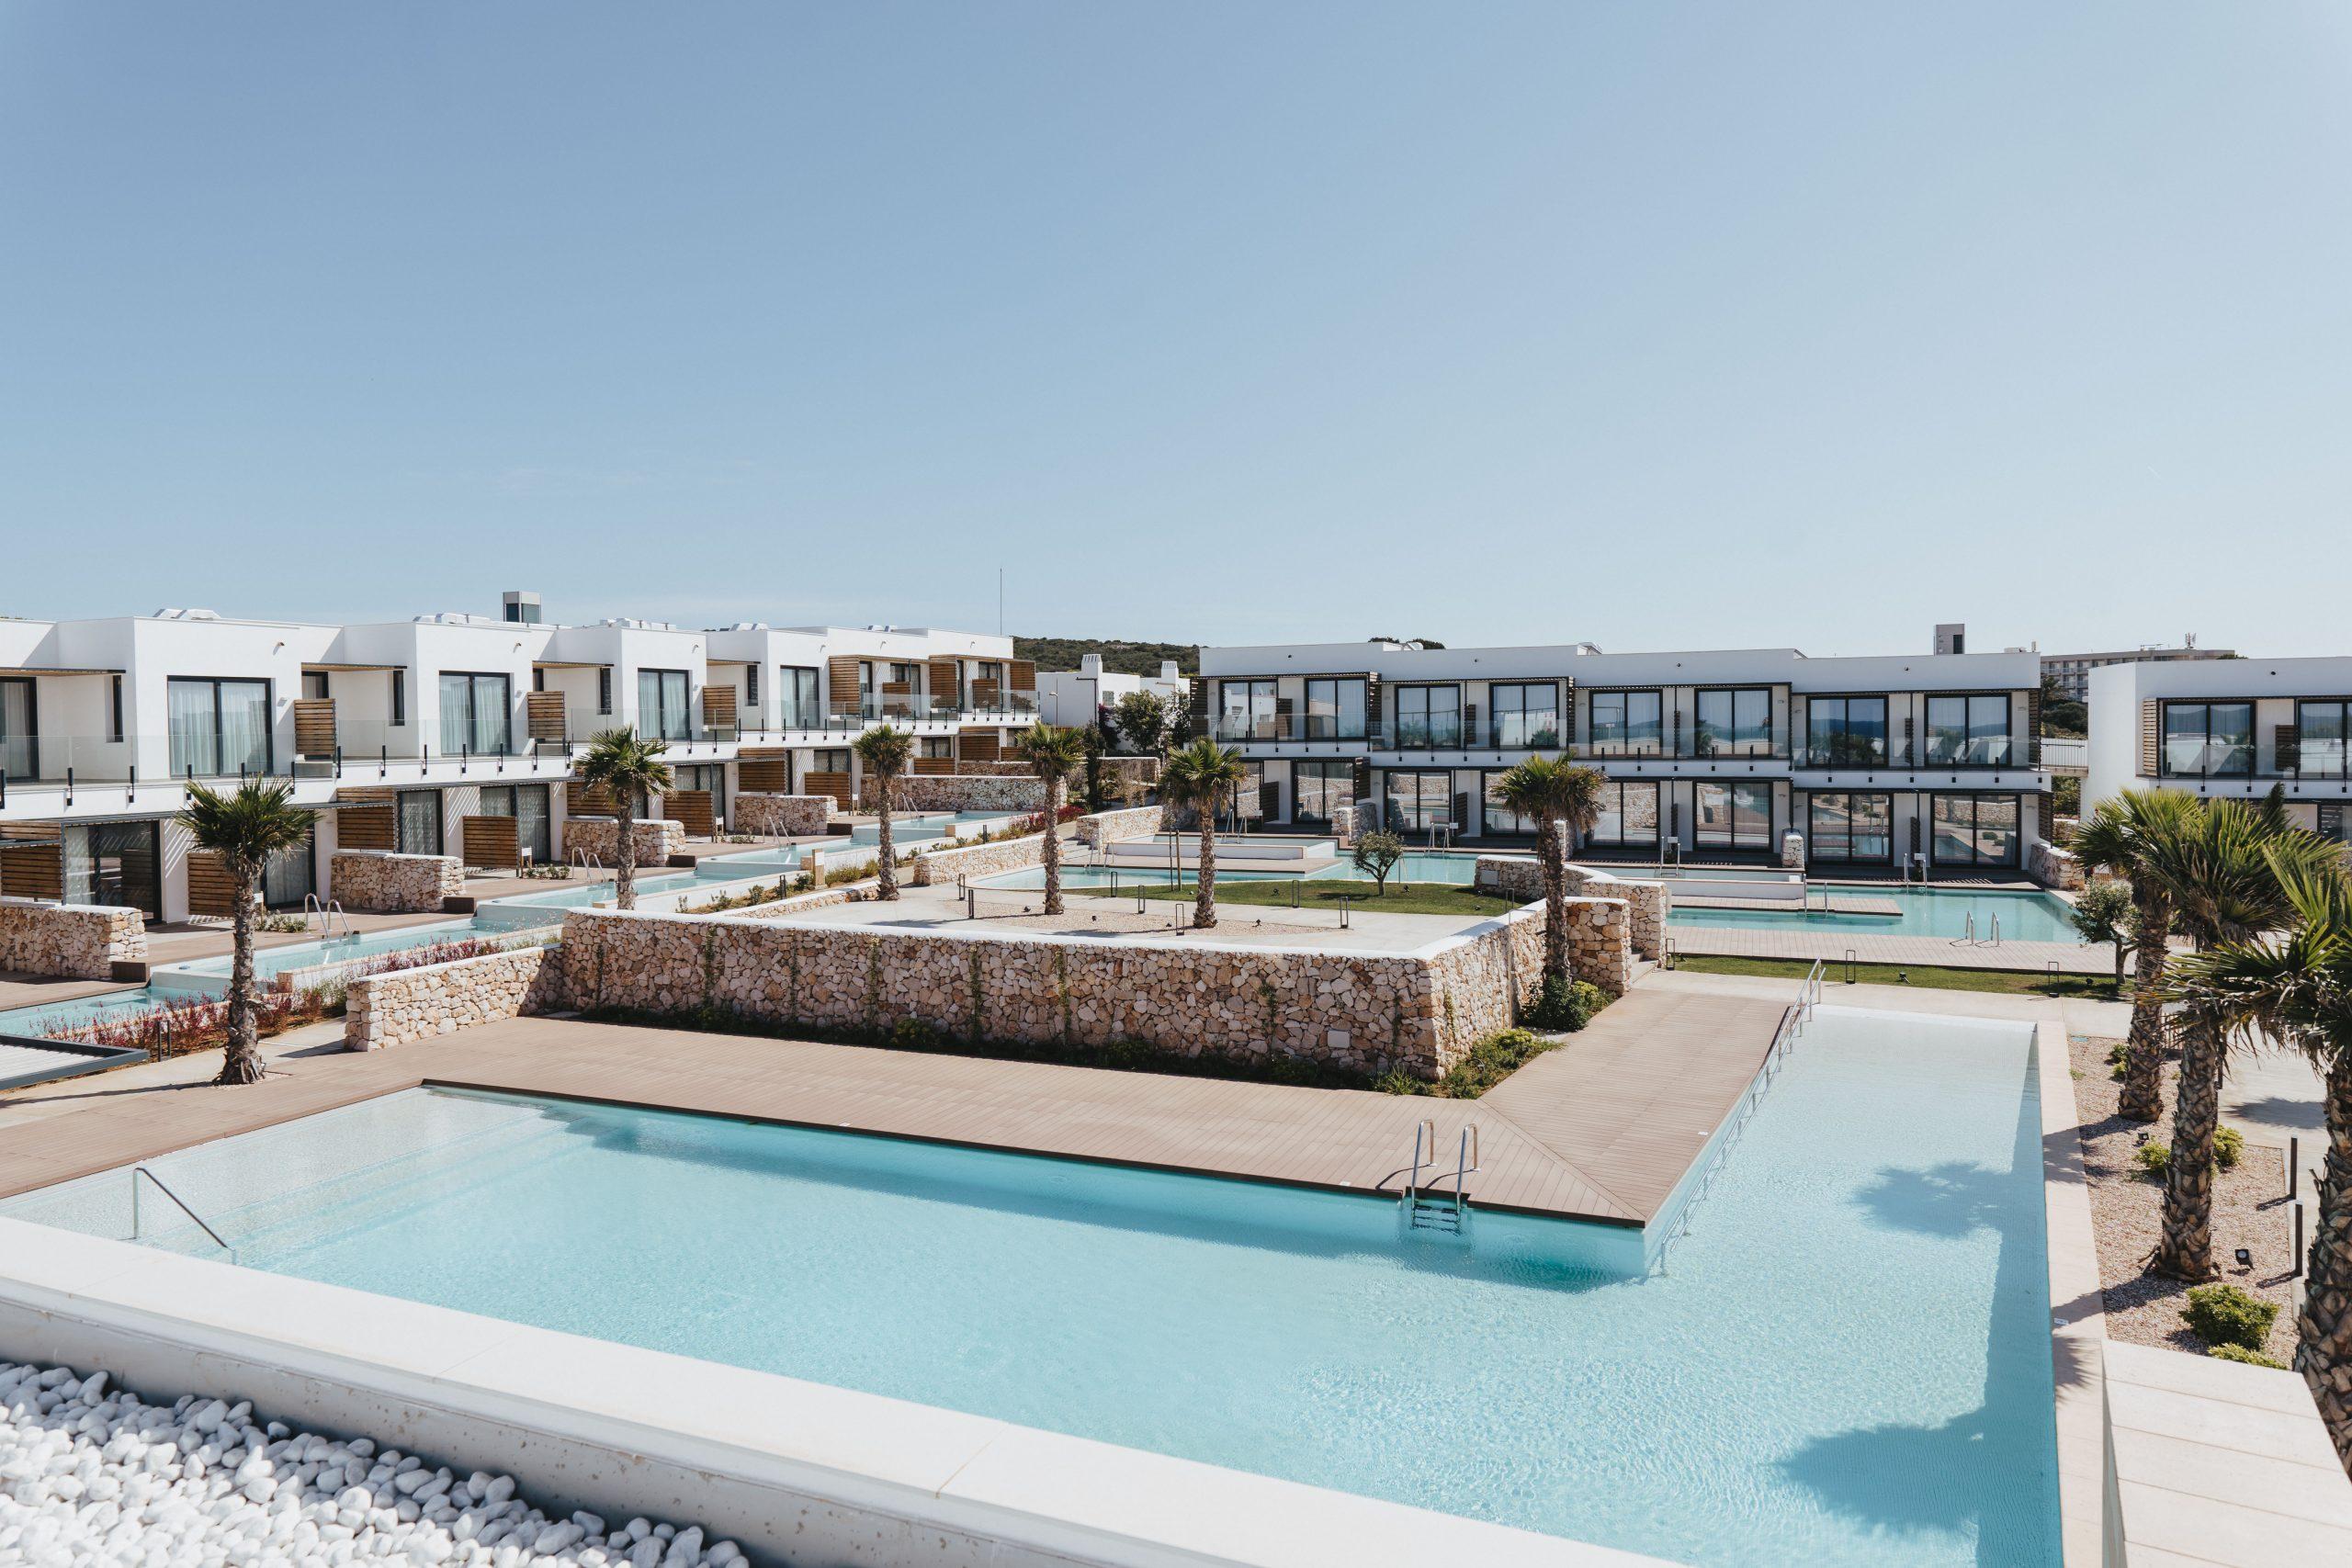 SILICIUS alcanza un acuerdo con Barceló Hotel Group para gestionar el hotel de Menorca que adquirió a principios de año